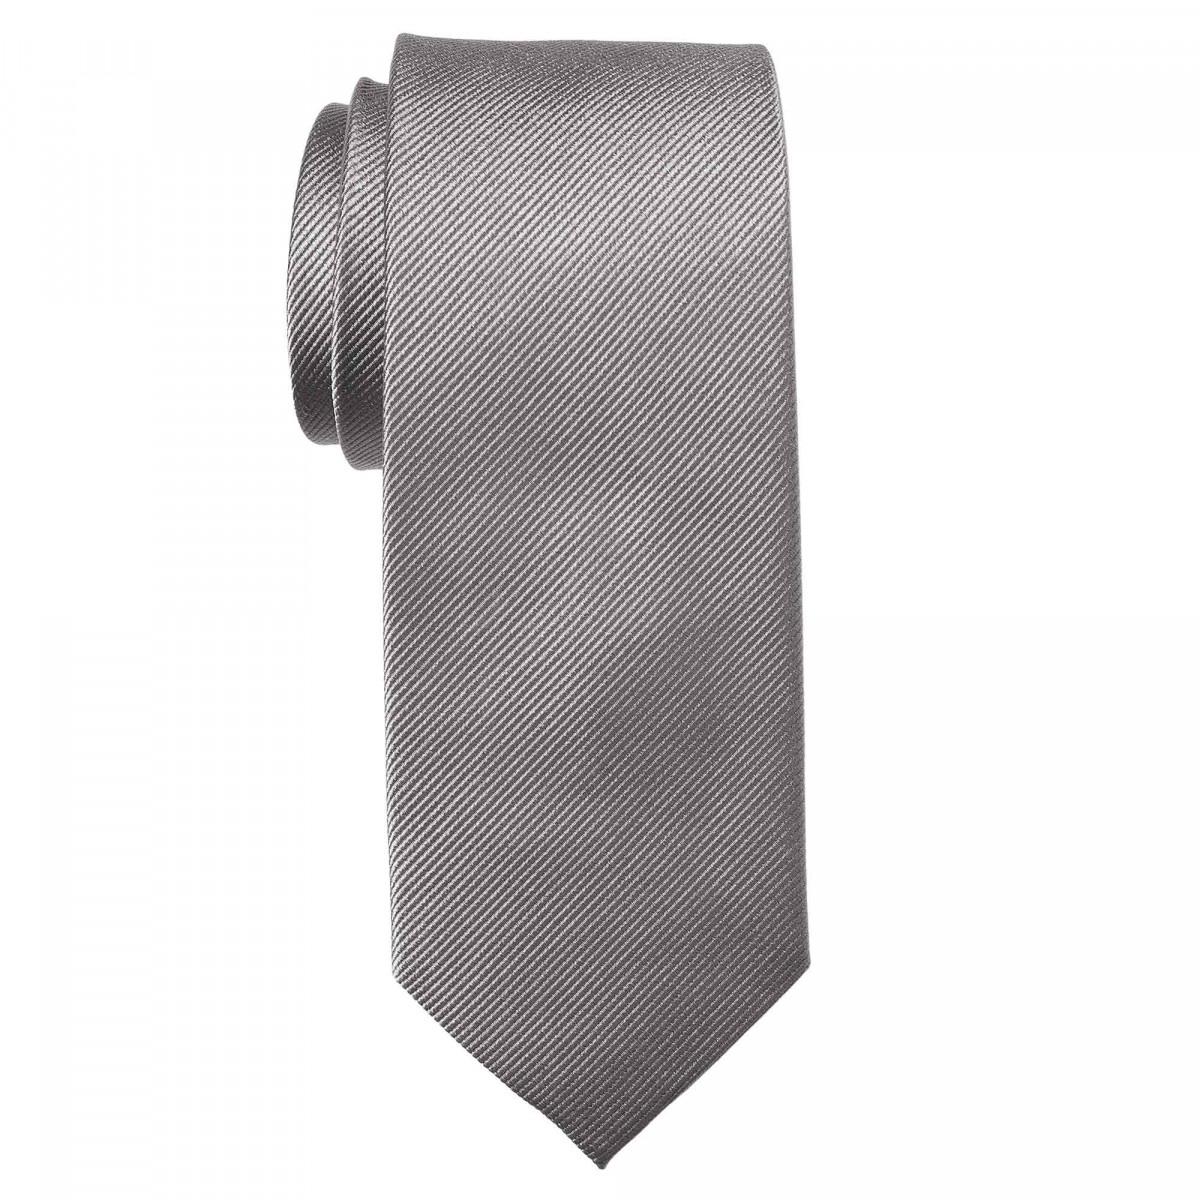 Cravate unie - Soie Gris